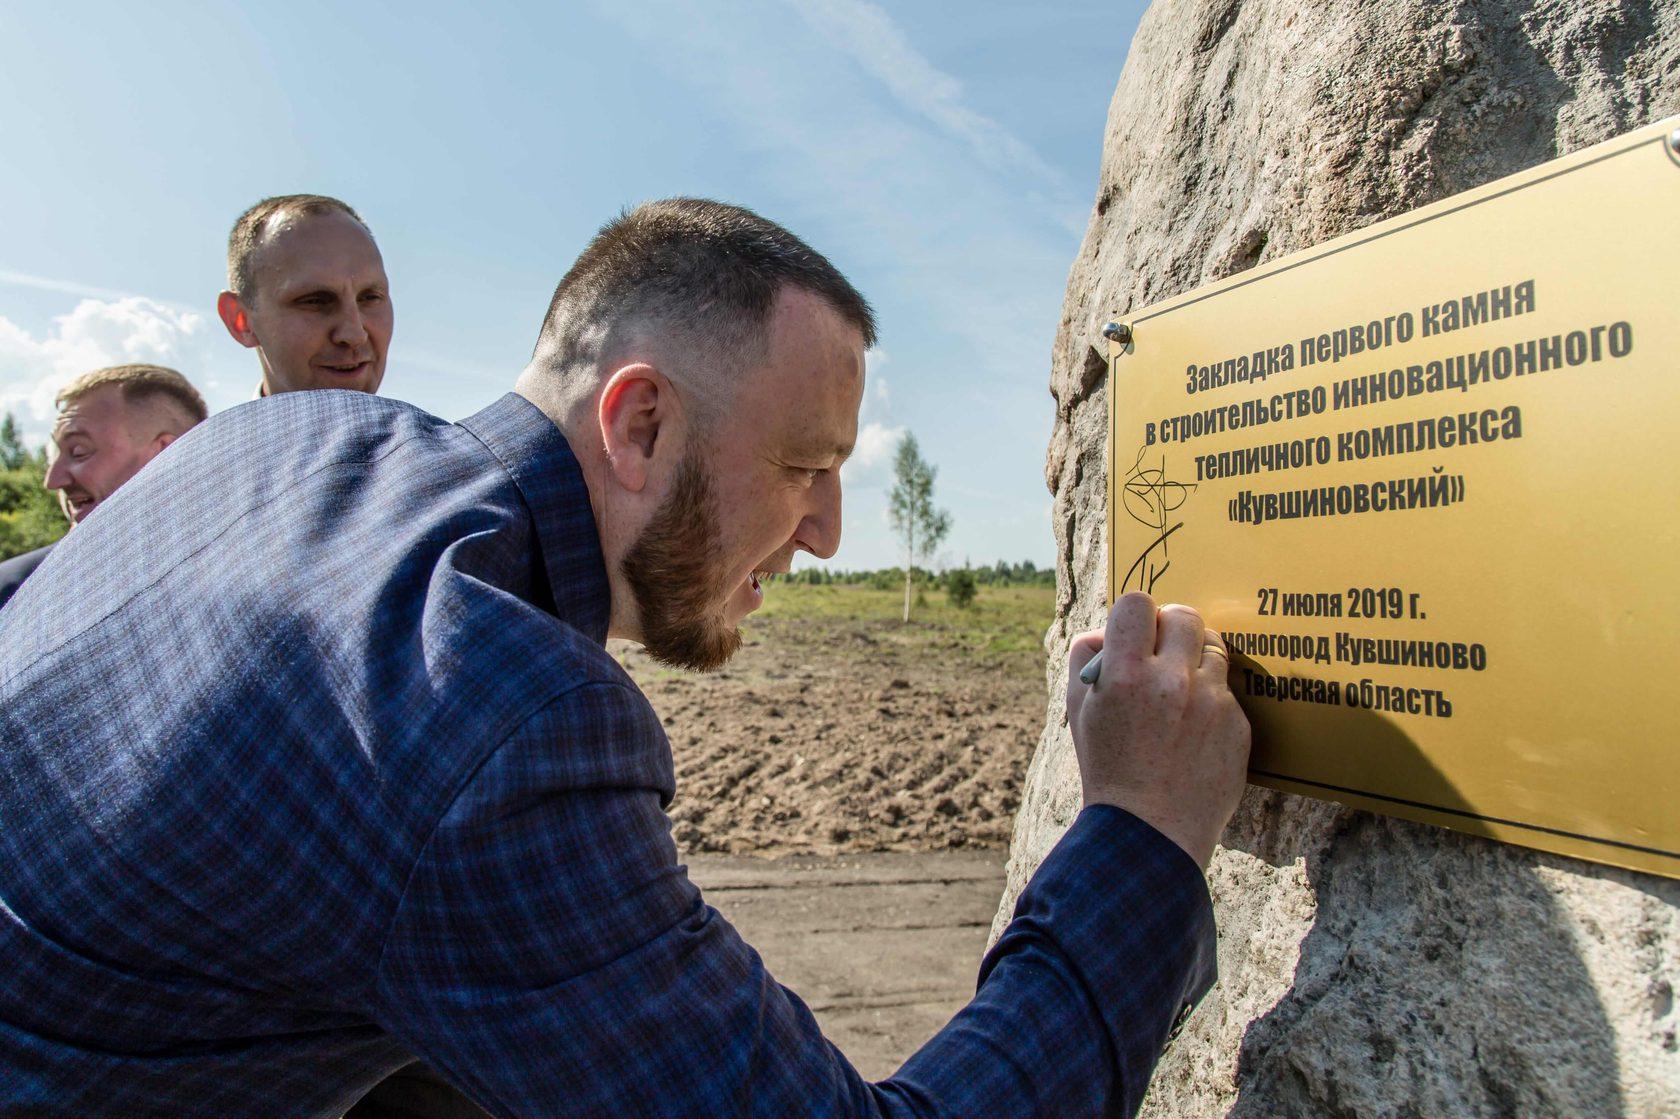 Кувшиновский, закладка первого камня